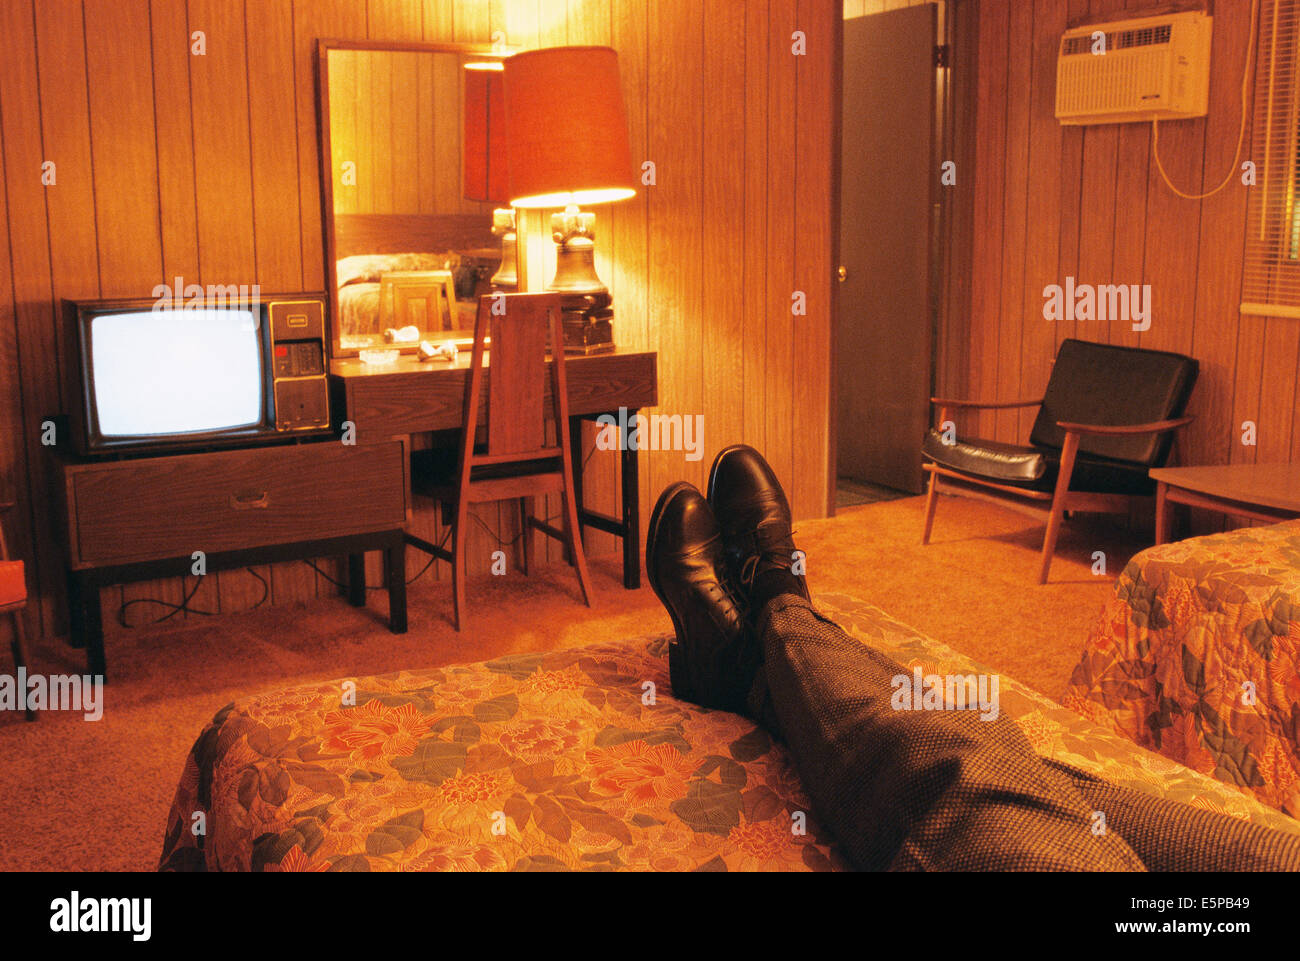 Persona di guardare la televisione in motel economico Immagini Stock